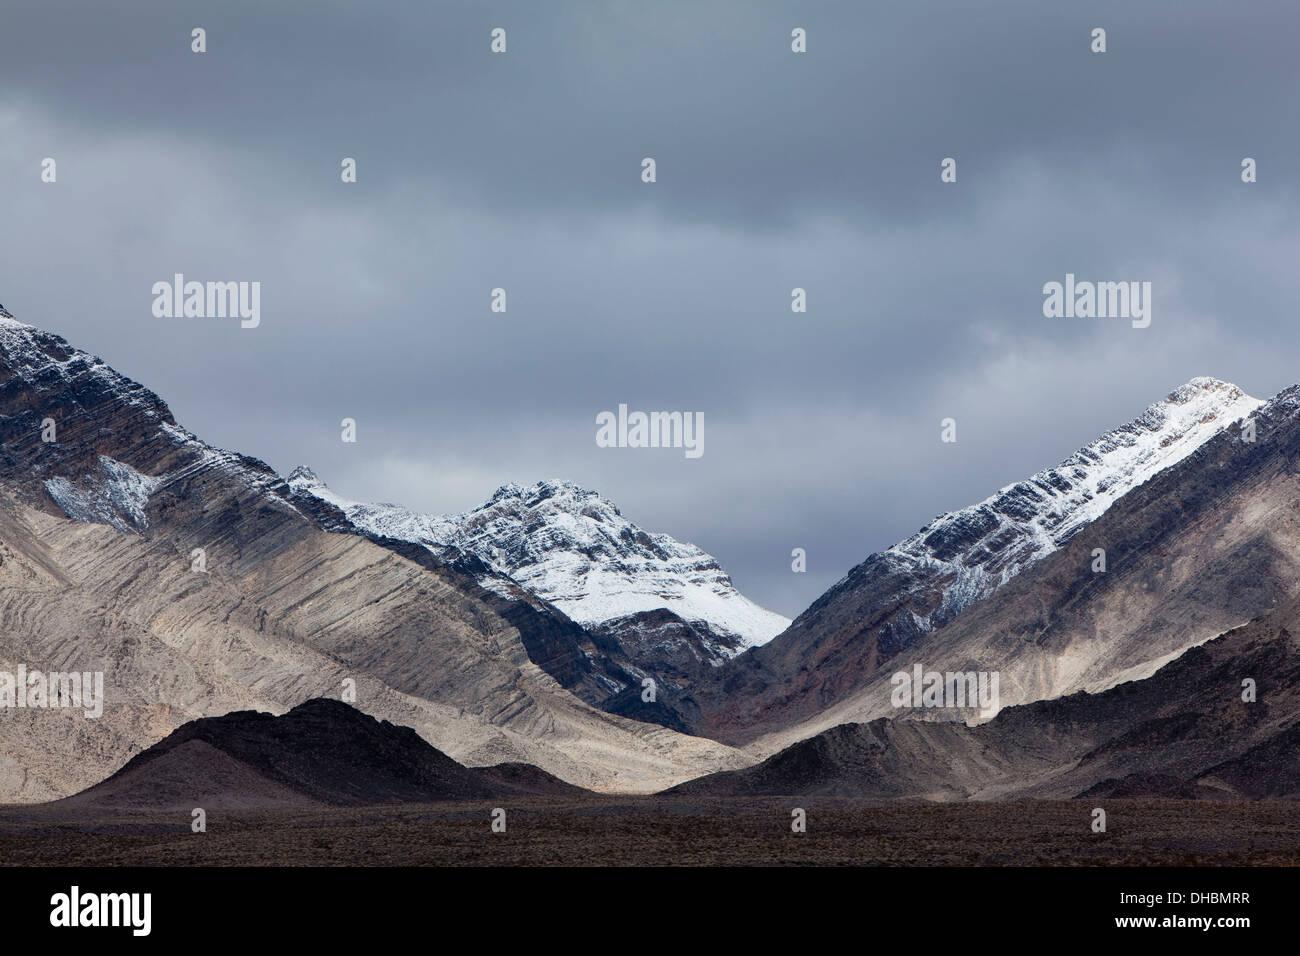 Montañas cubiertas de nieve y ominoso cielo, montañas Panamint, Death Valley NP Imagen De Stock